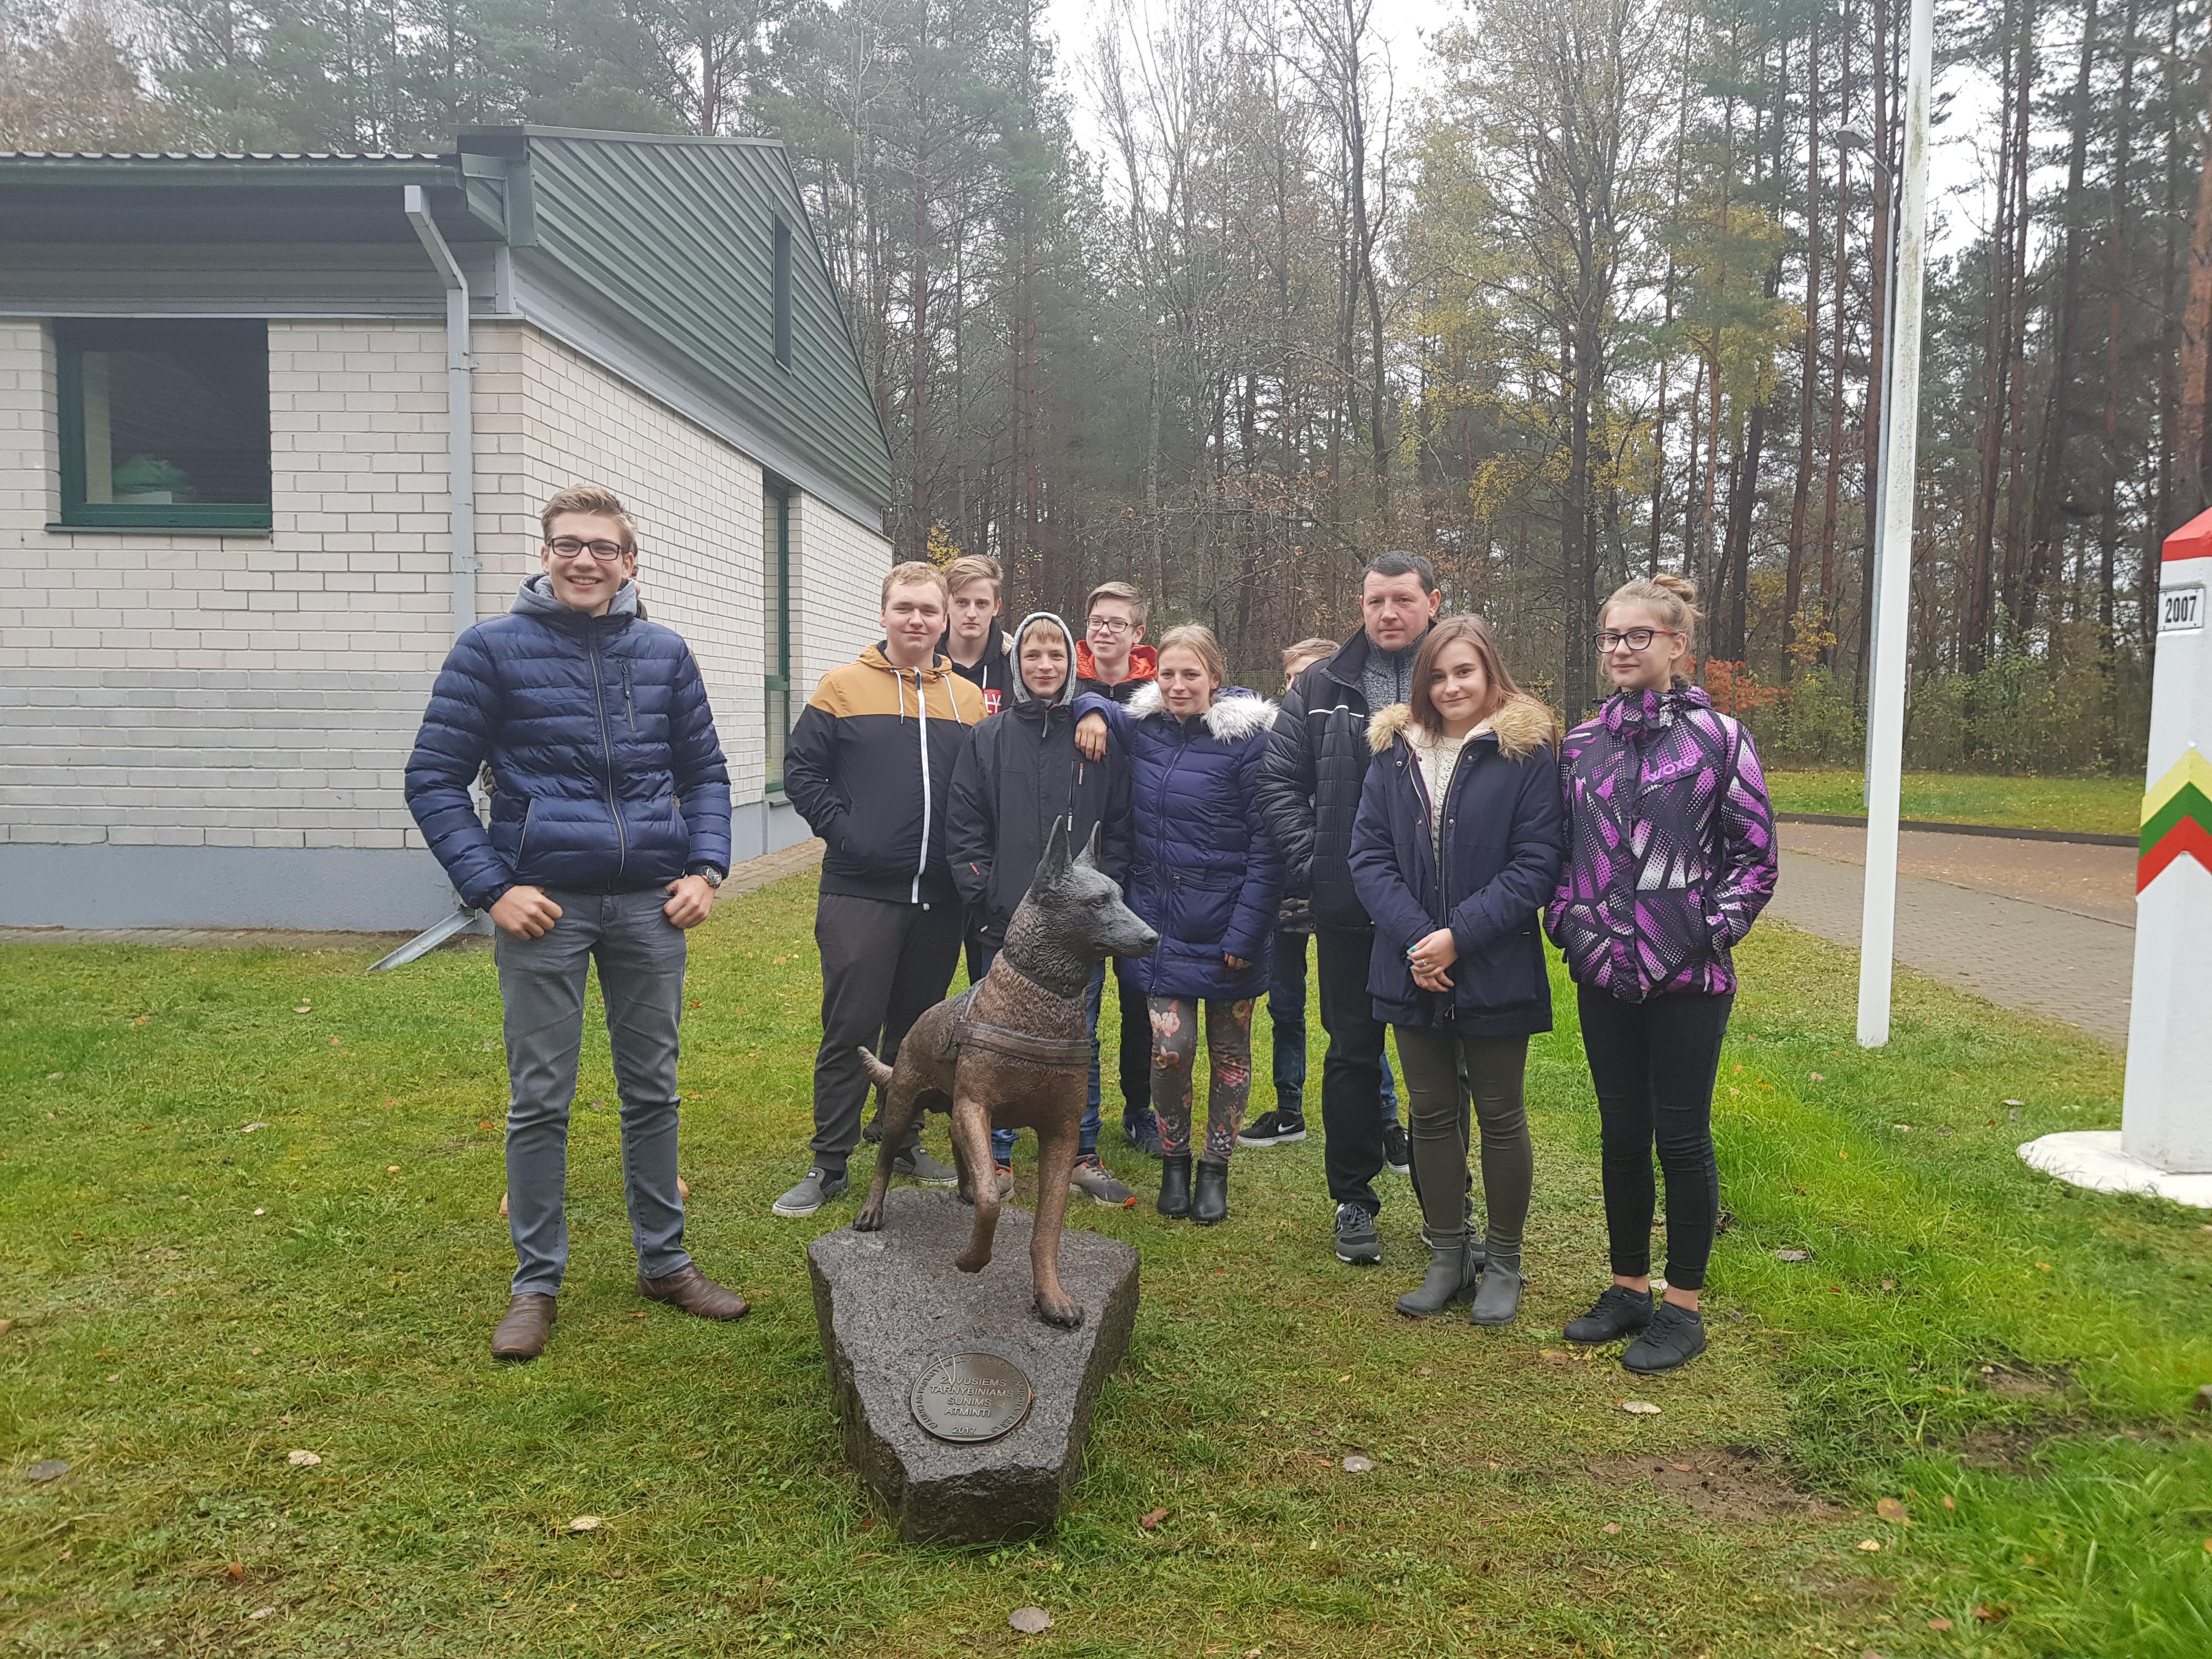 Ignalinos gimnazijos JPB narių išvyka į Vilniaus pasienio rinktinę ir Aviacijos valdybą